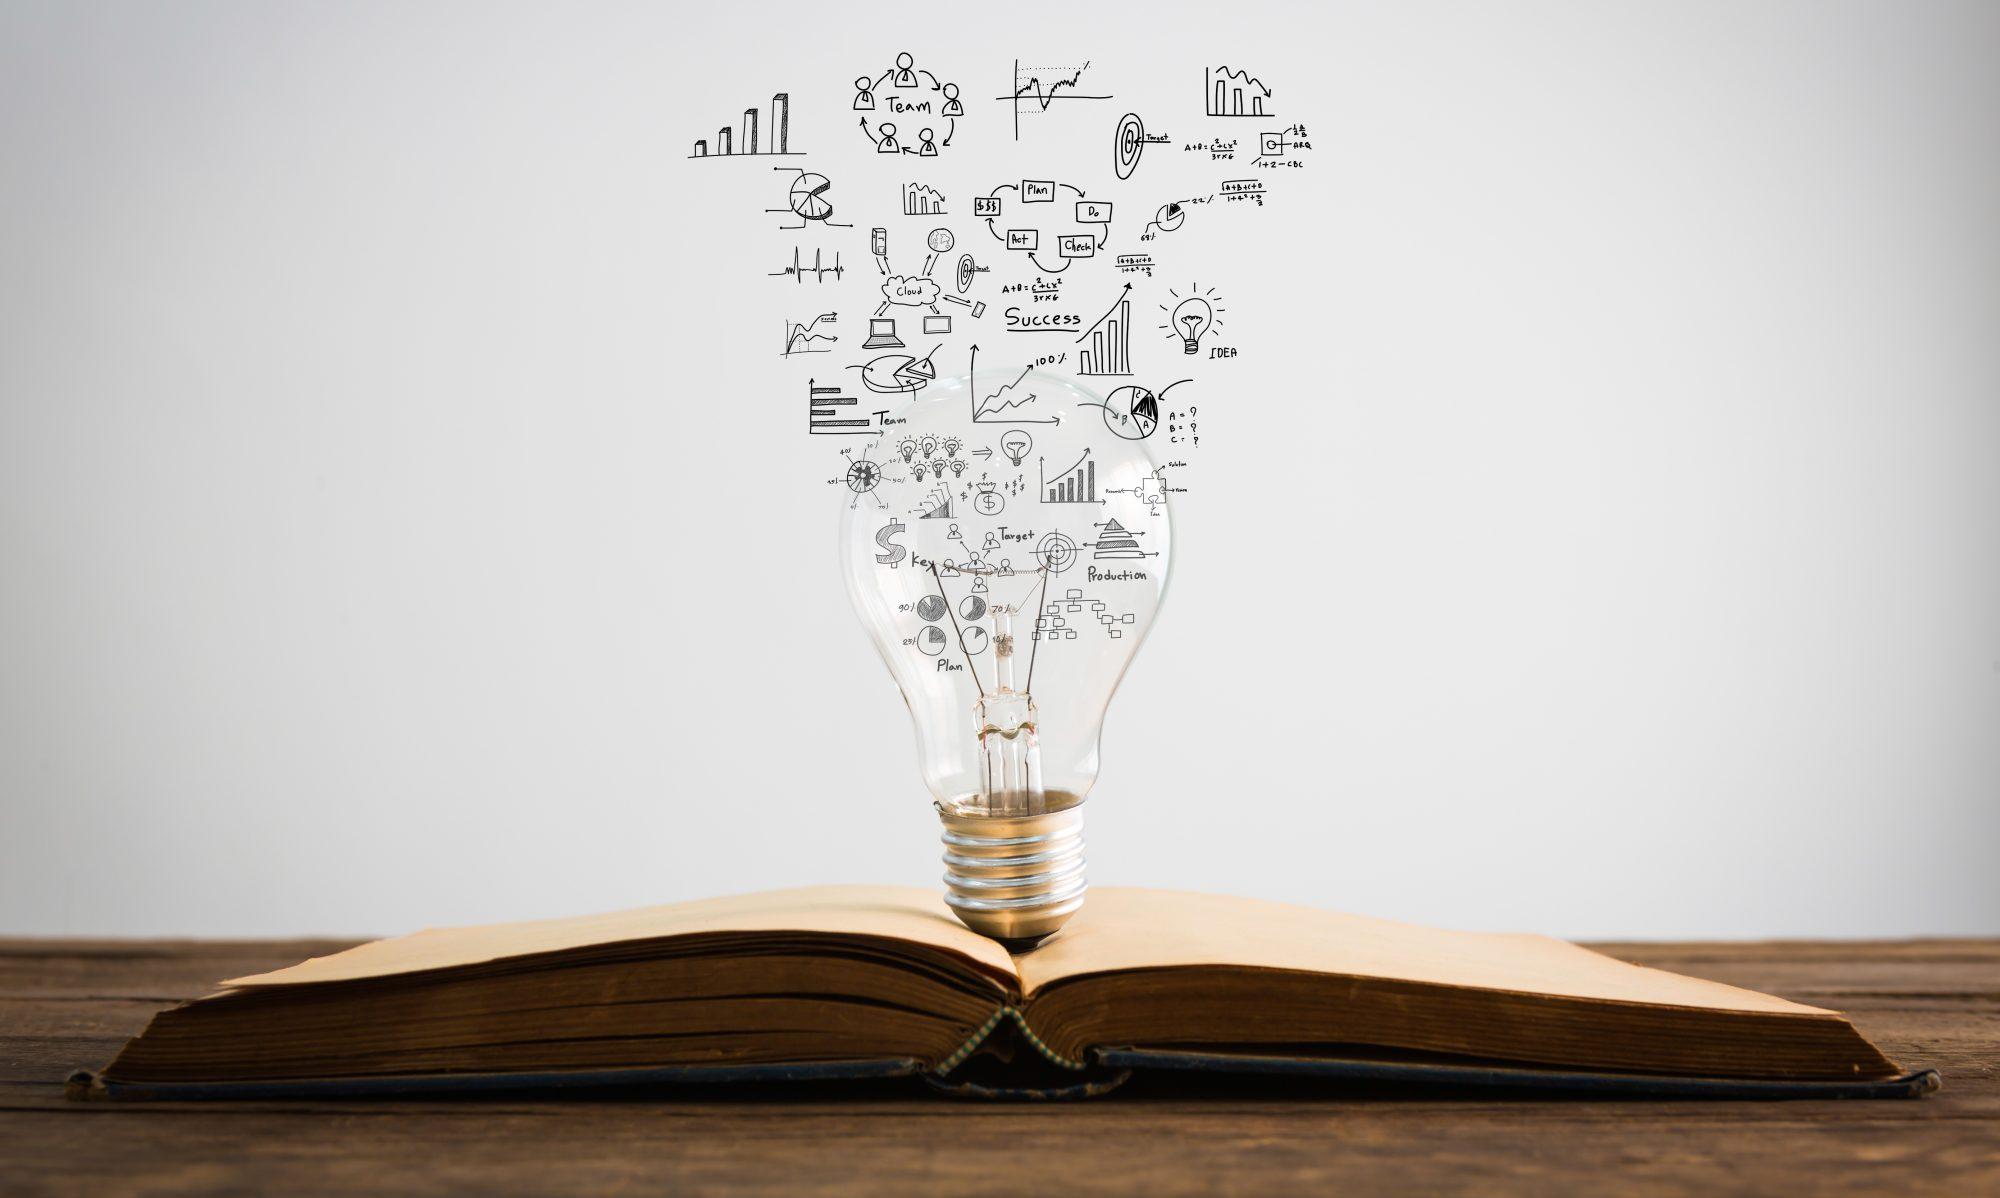 Grupo de Investigación y Desarrollo en Innovación Educativa